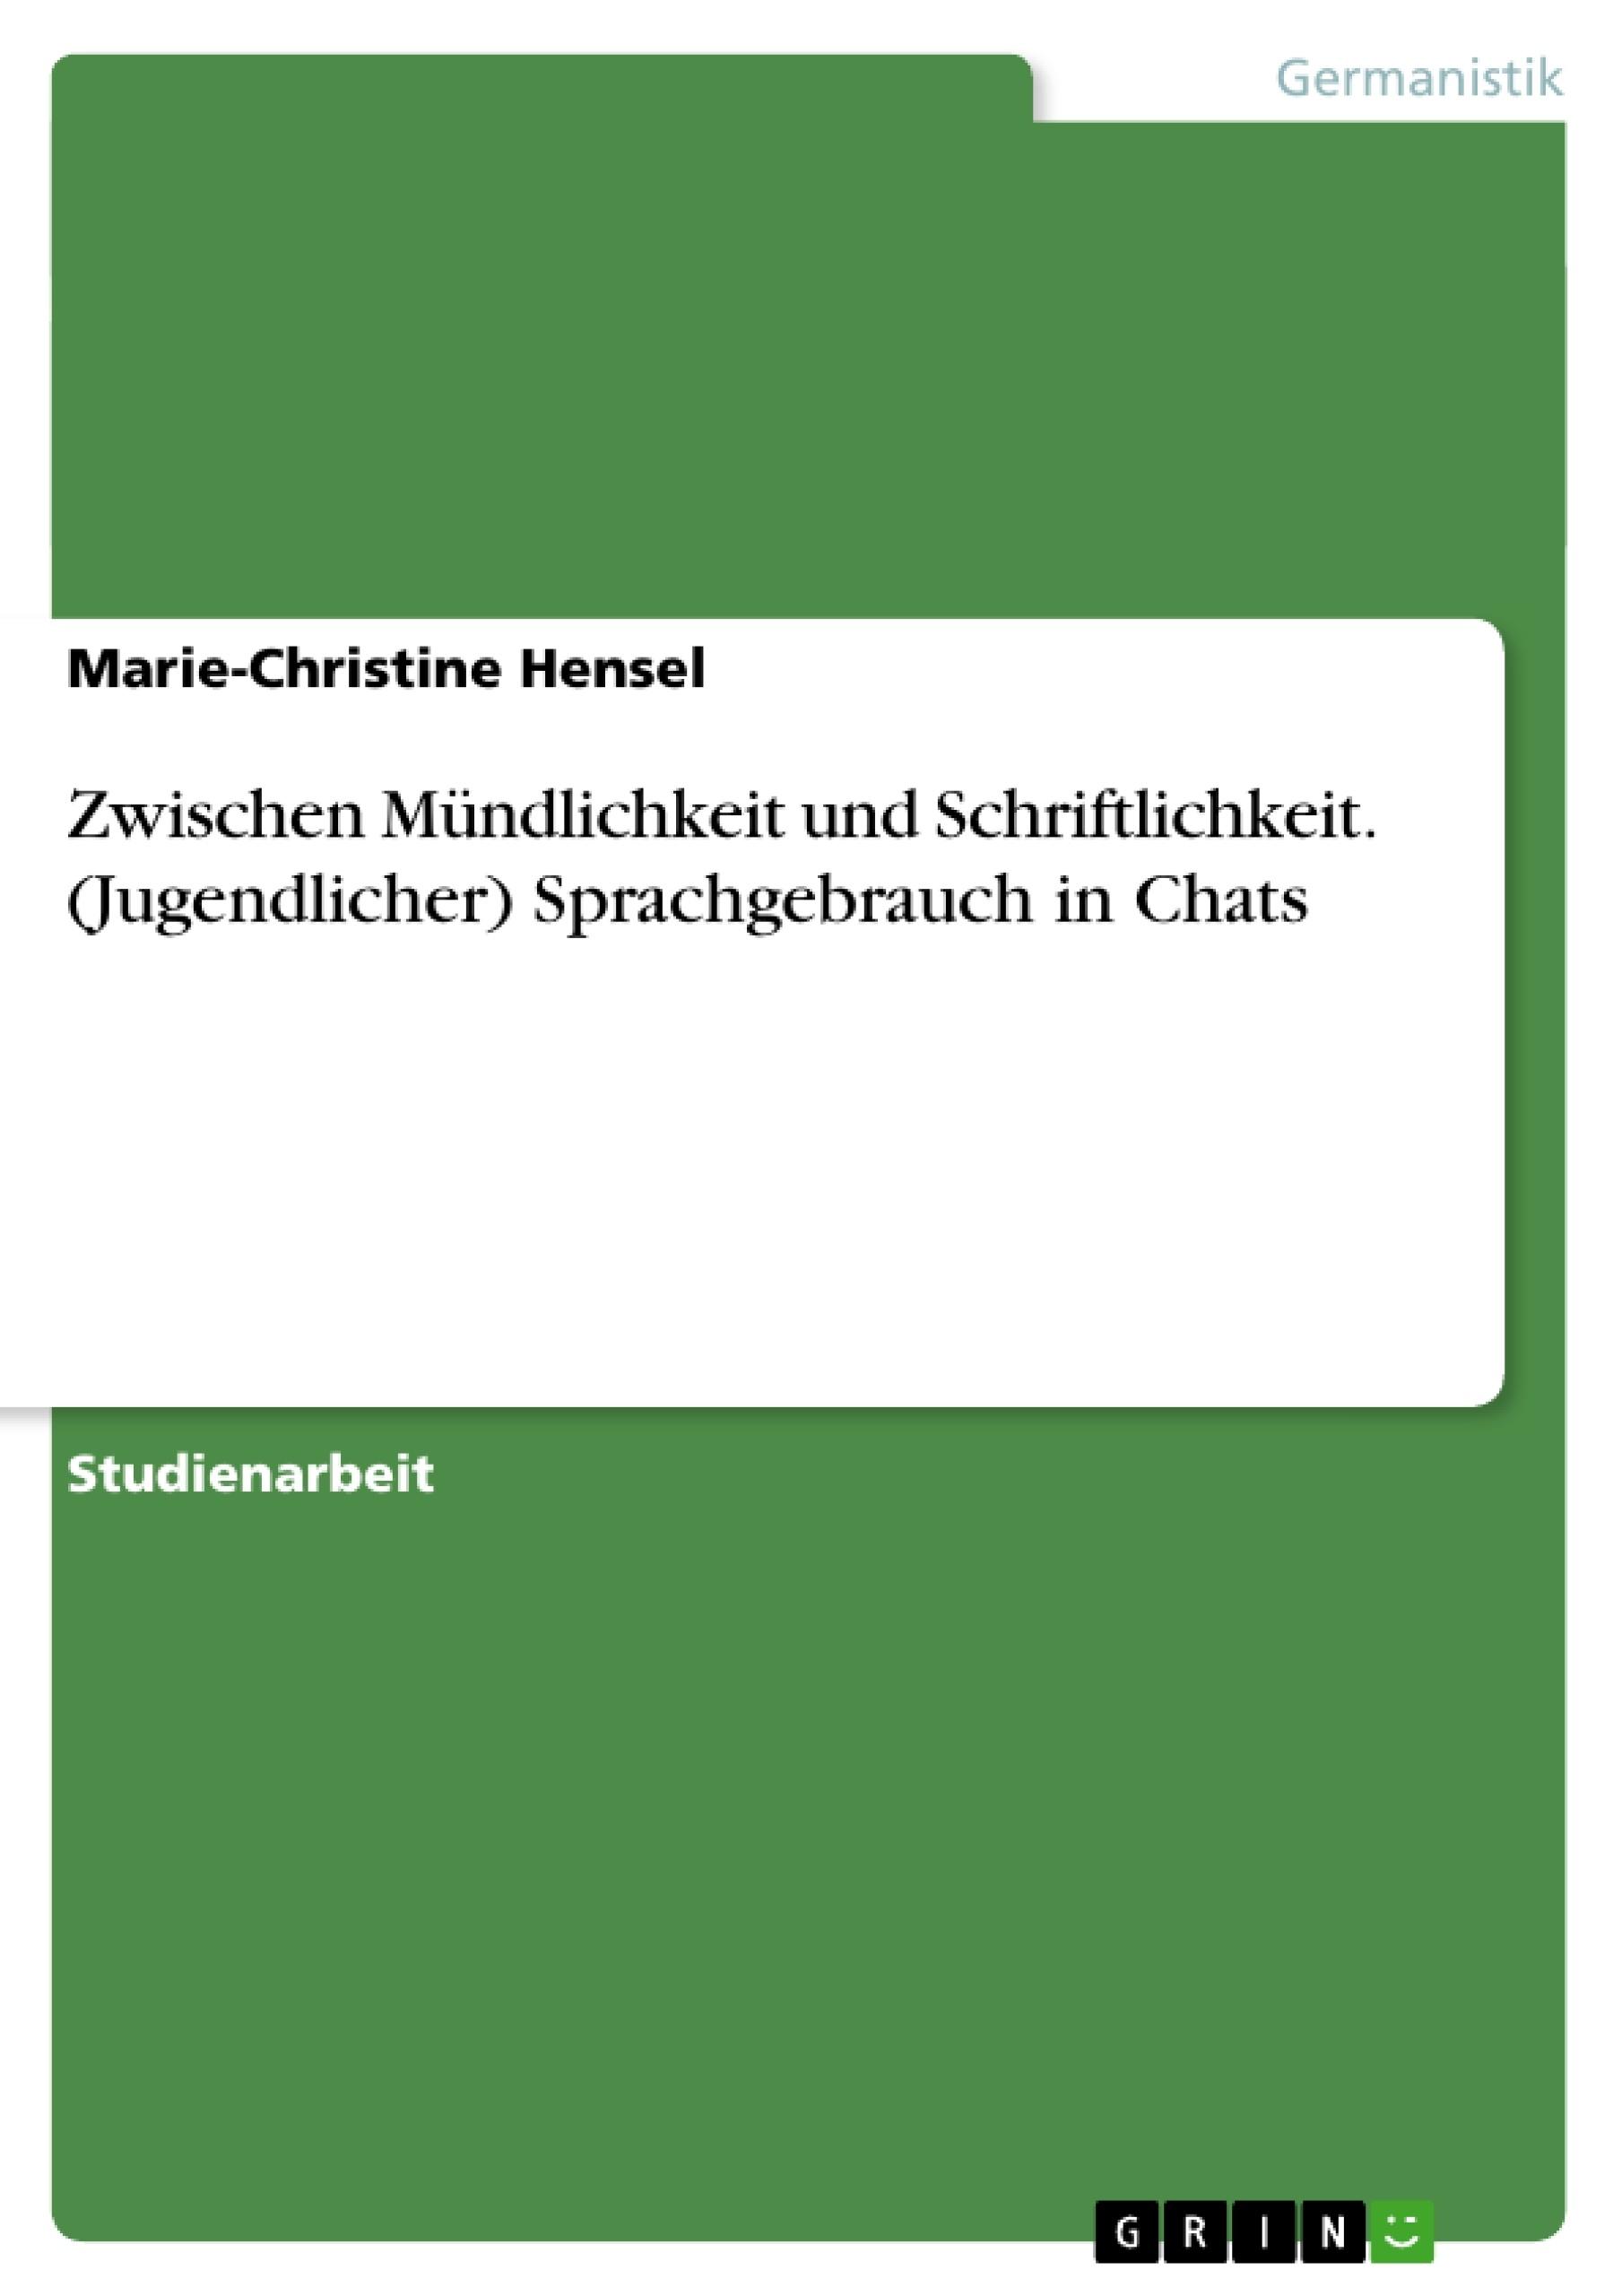 Titel: Zwischen Mündlichkeit und Schriftlichkeit. (Jugendlicher) Sprachgebrauch in Chats